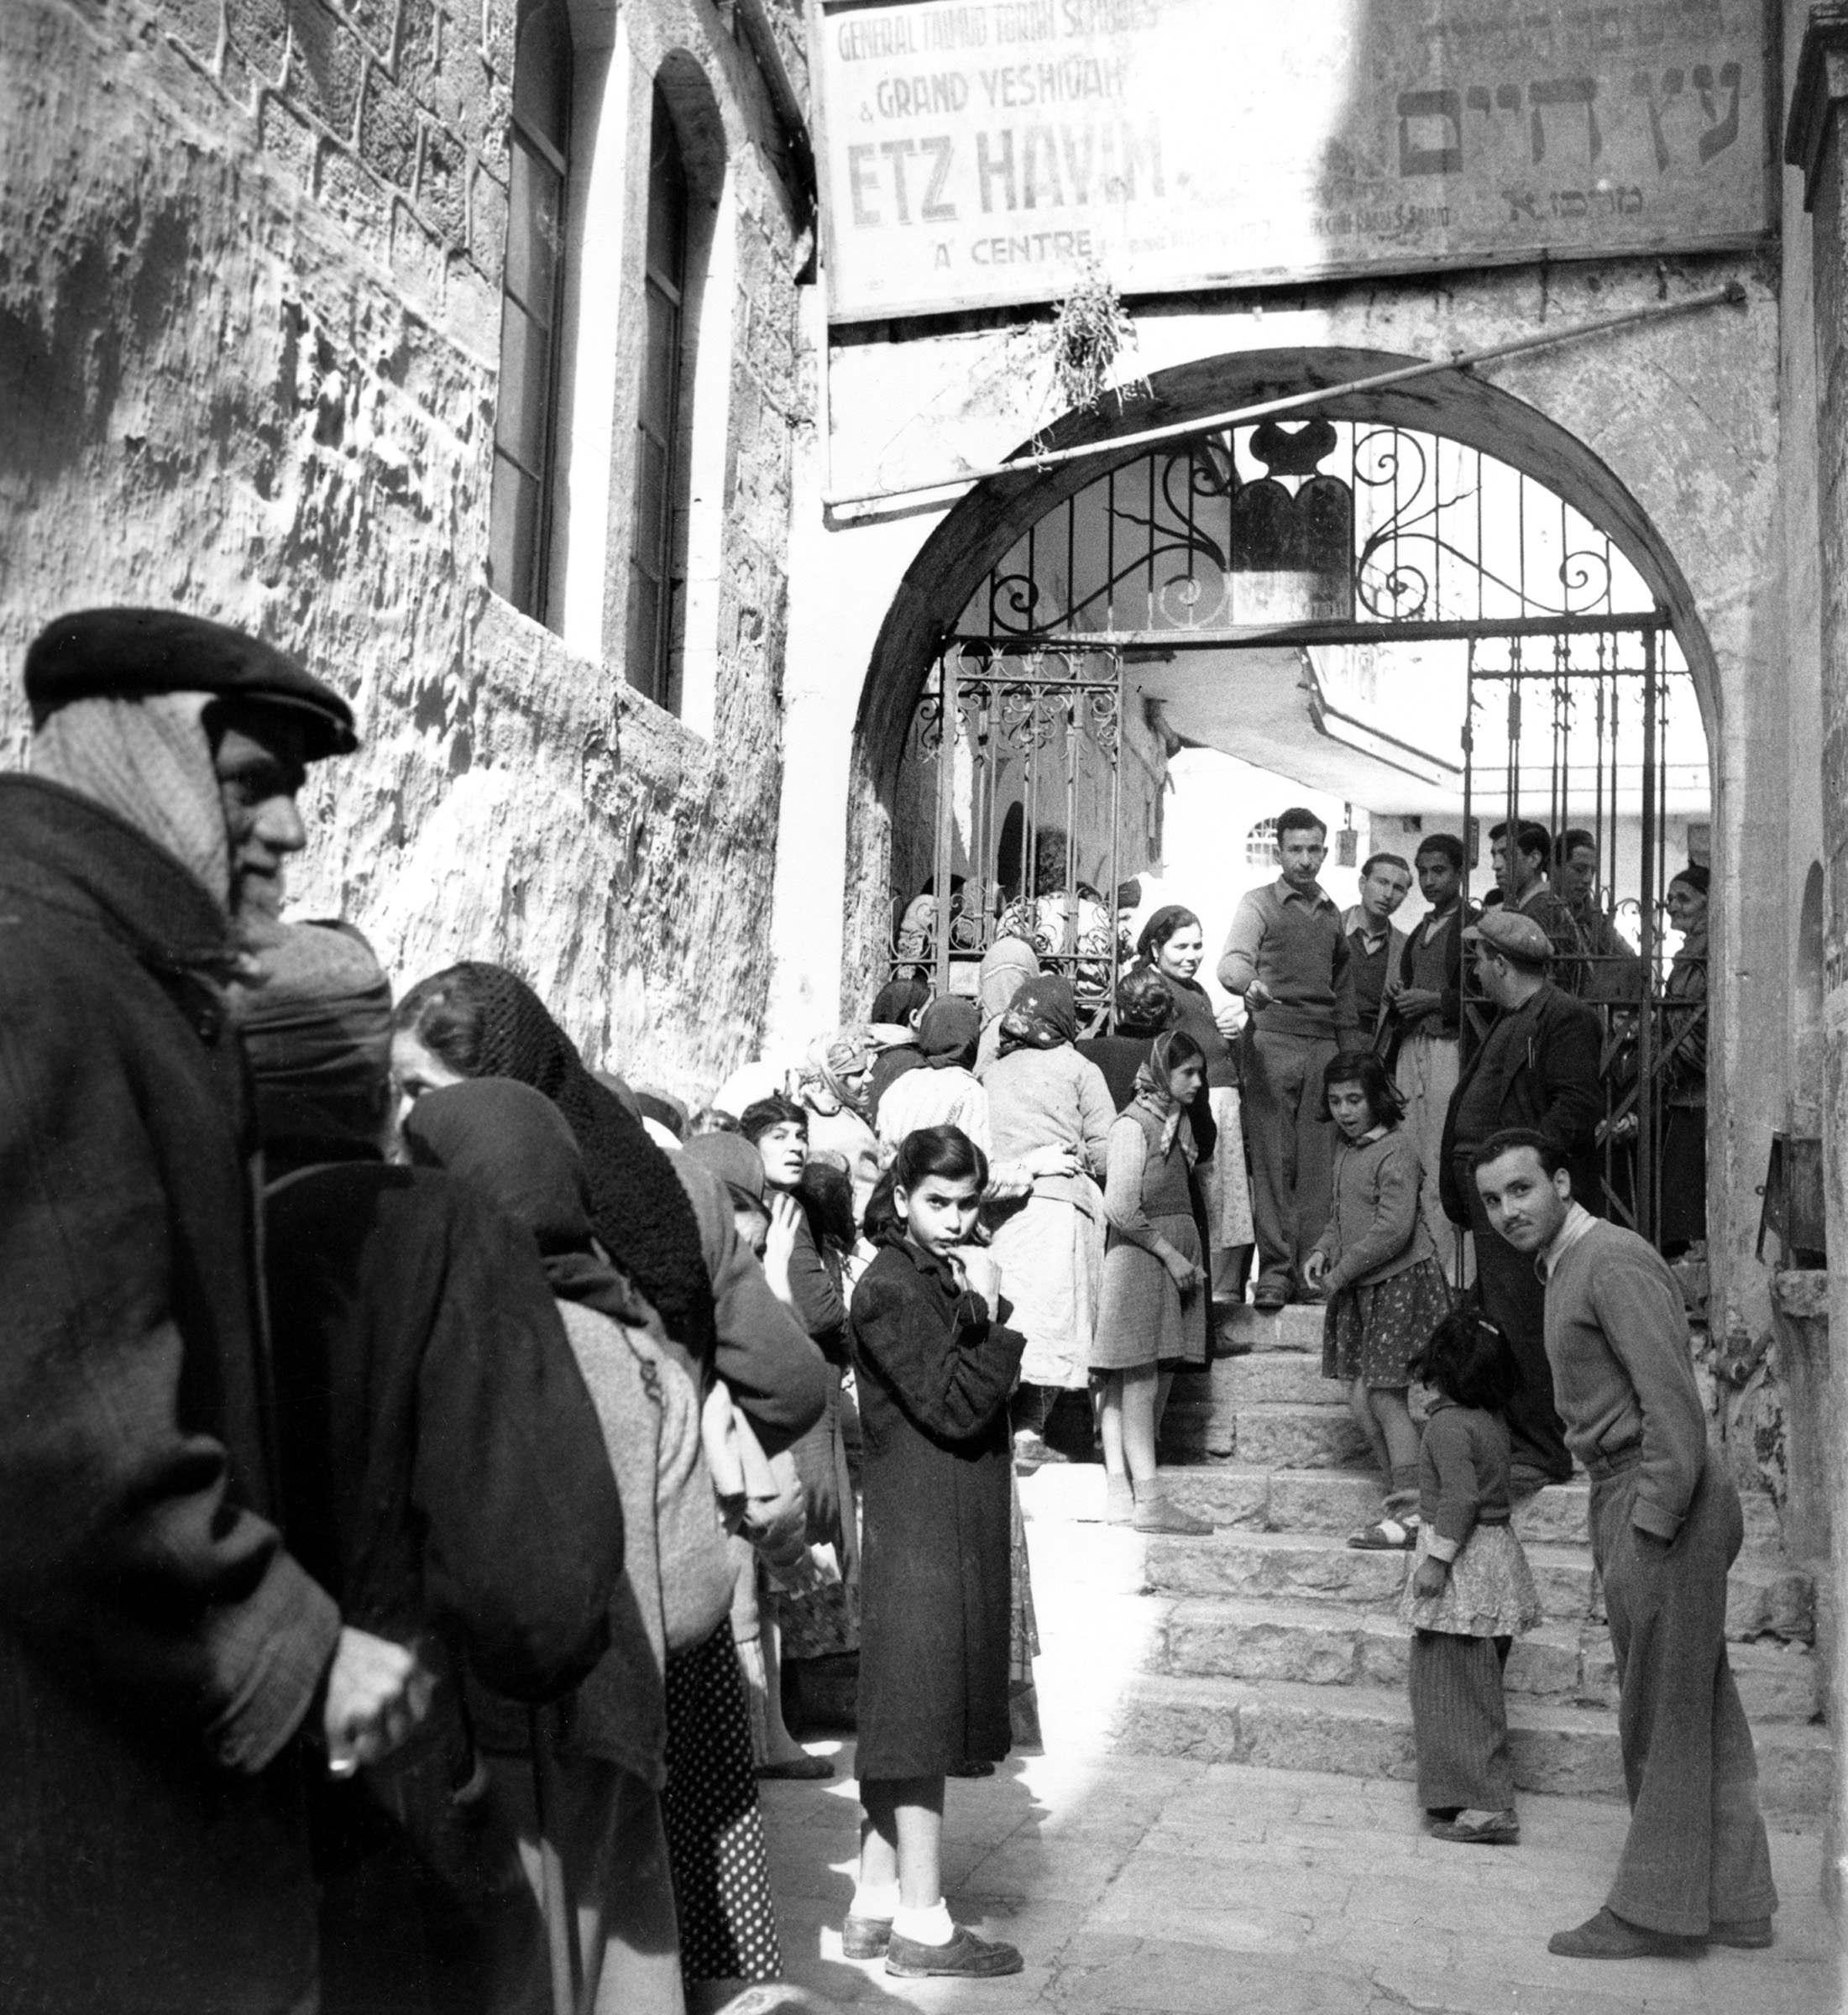 В еврейском квартале старого города ждут подхода британского конвоя с продовольствием.19 января